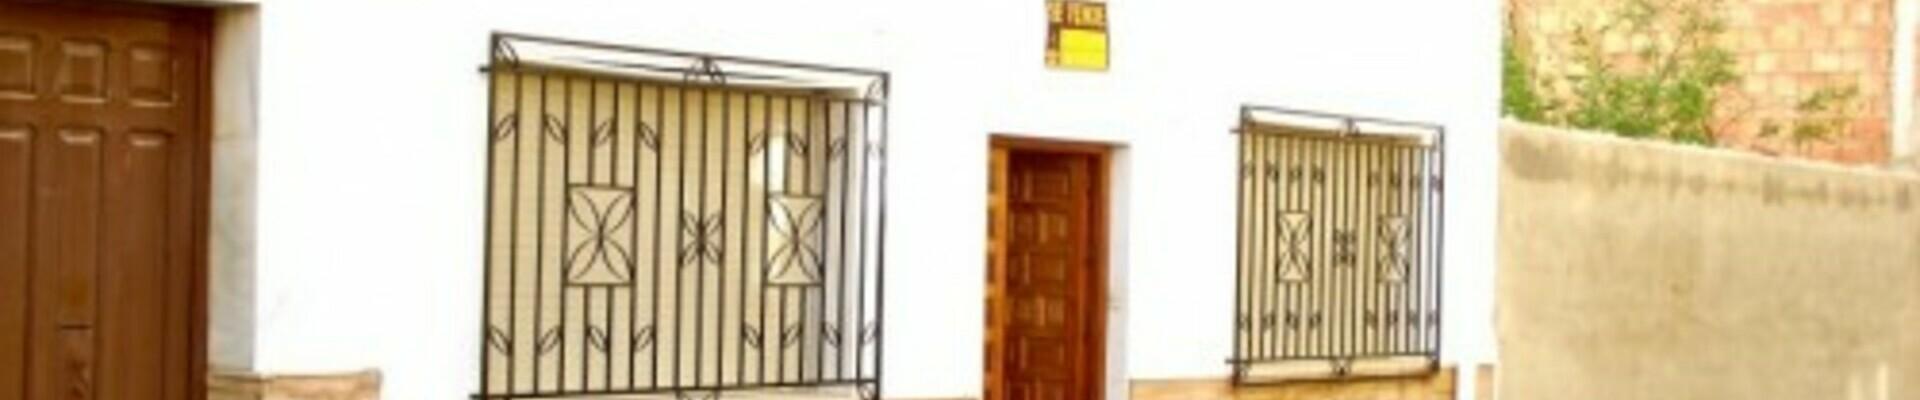 AF760: 3 Bedroom Townhouse for Sale